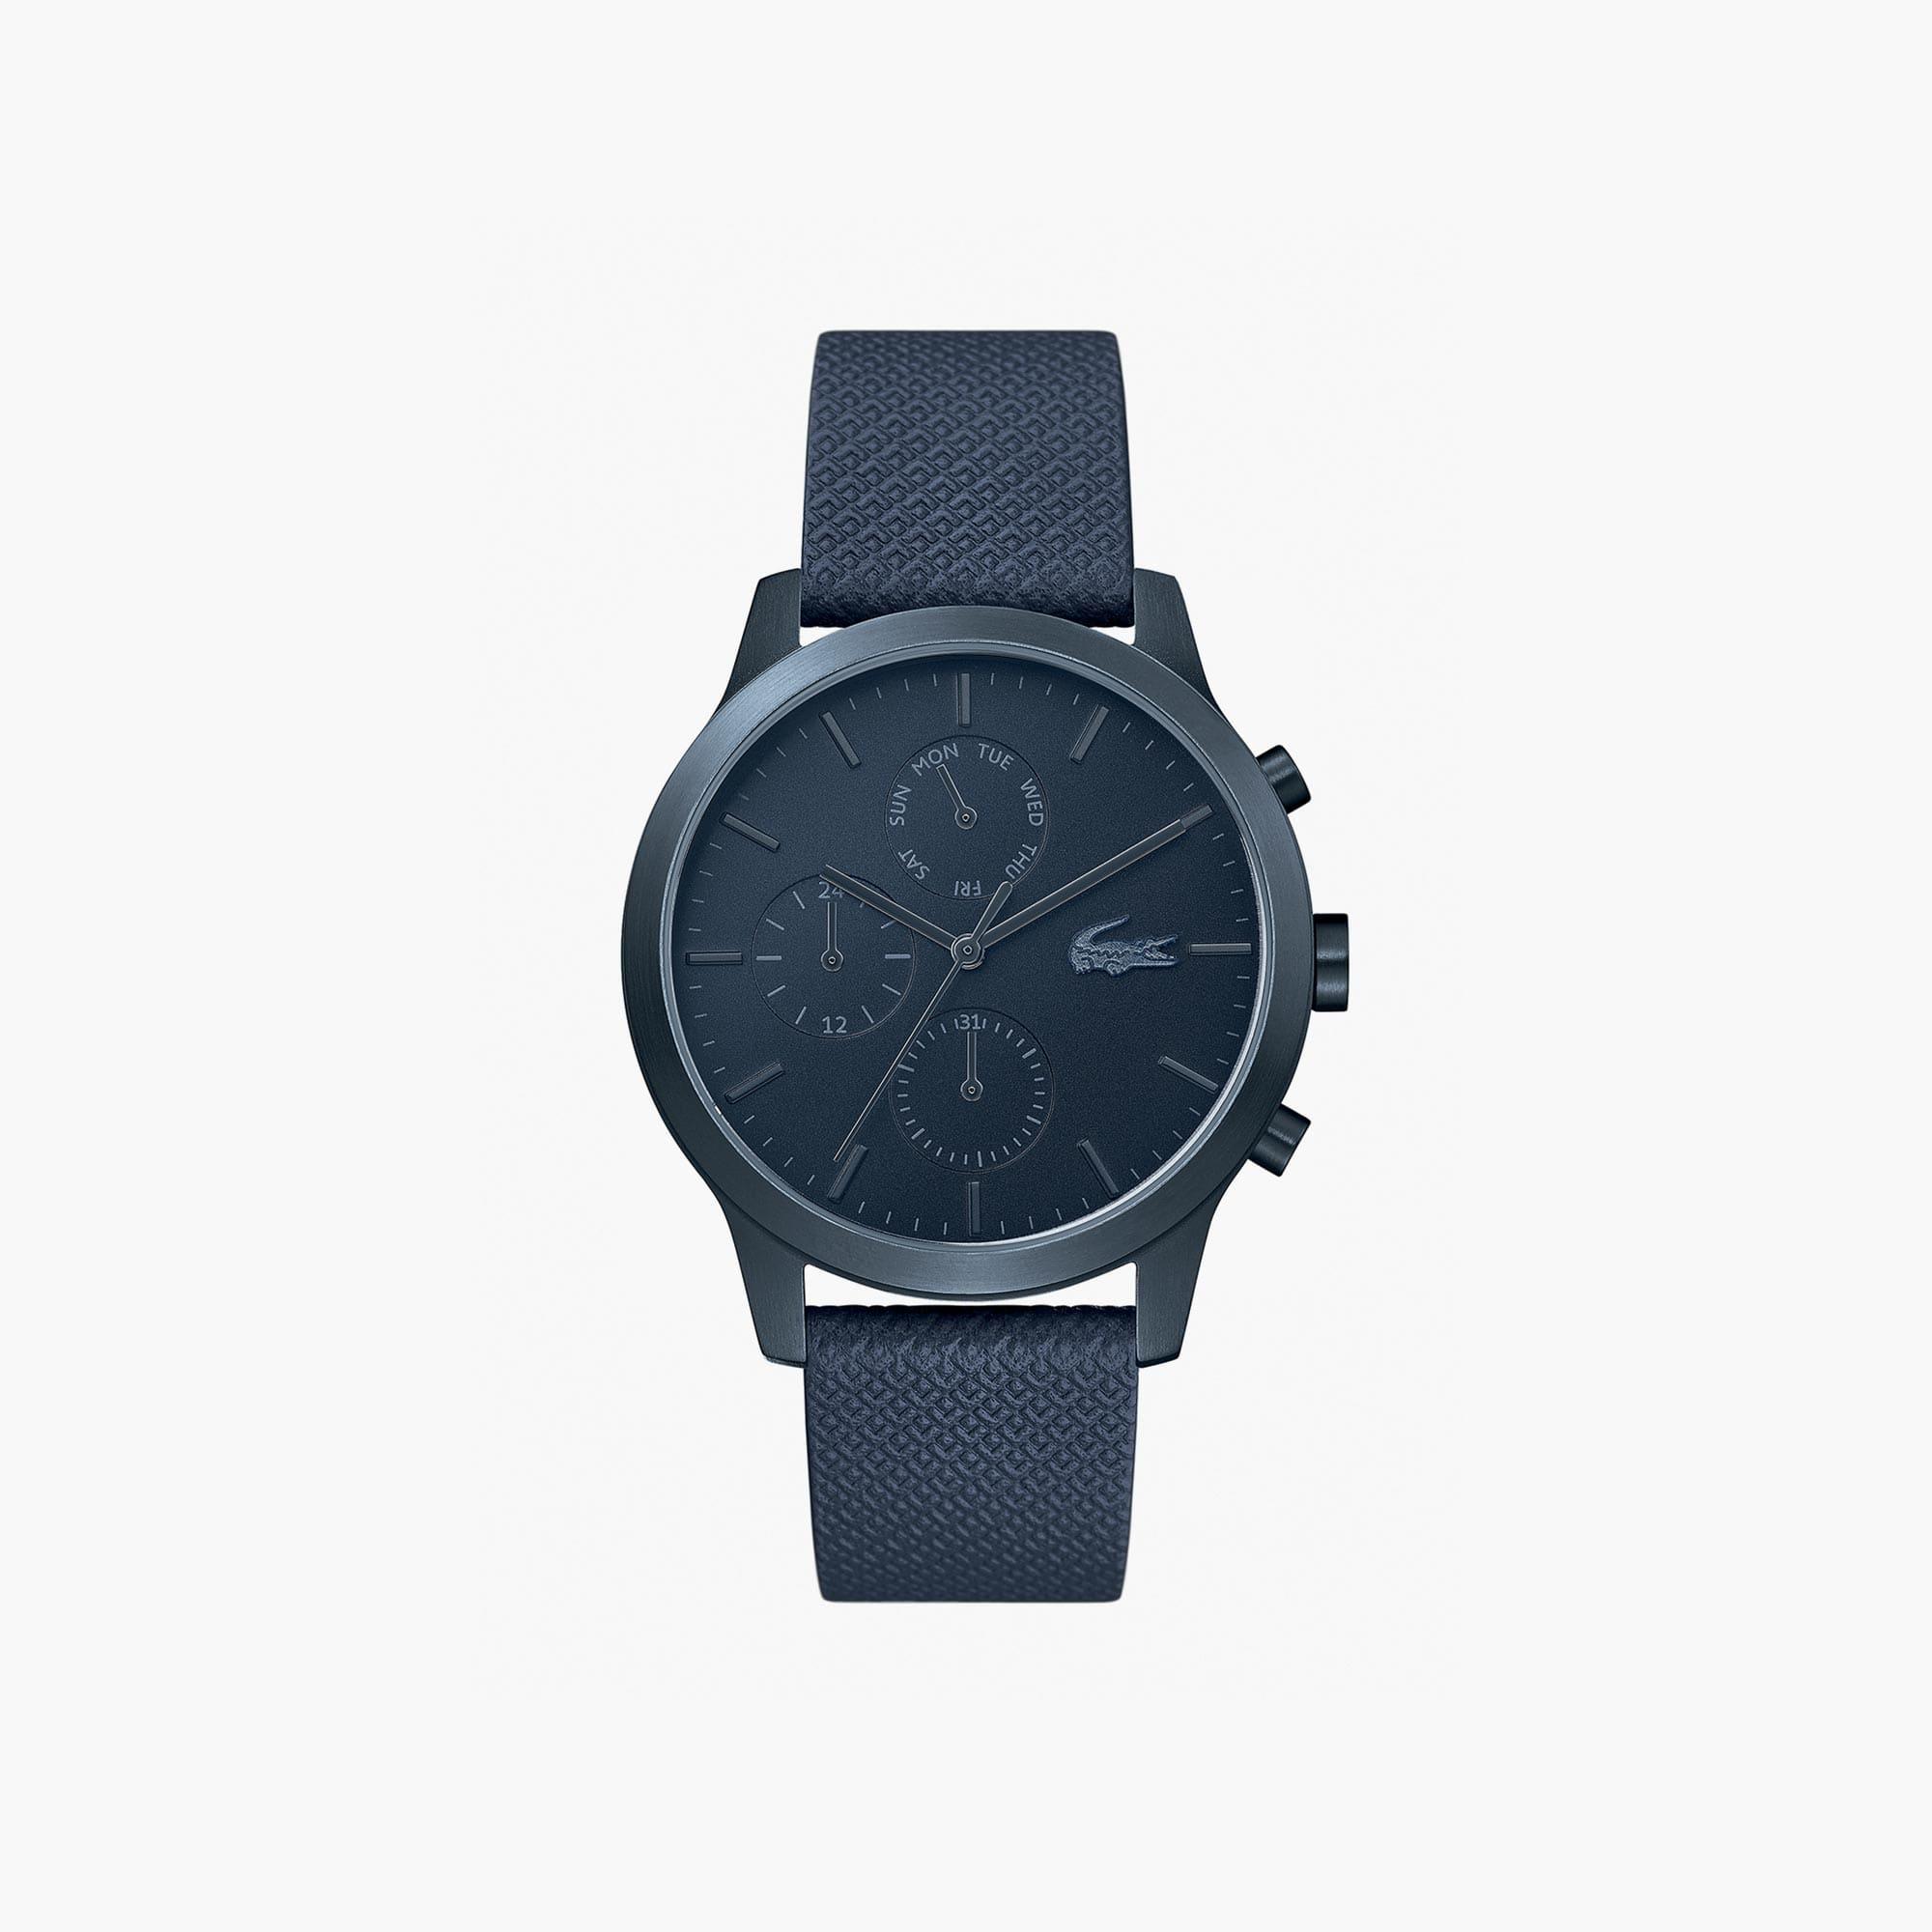 7d77fcf93 Gents Lacoste.12.12 Watch with Blue Leather Petit Piqué Strap